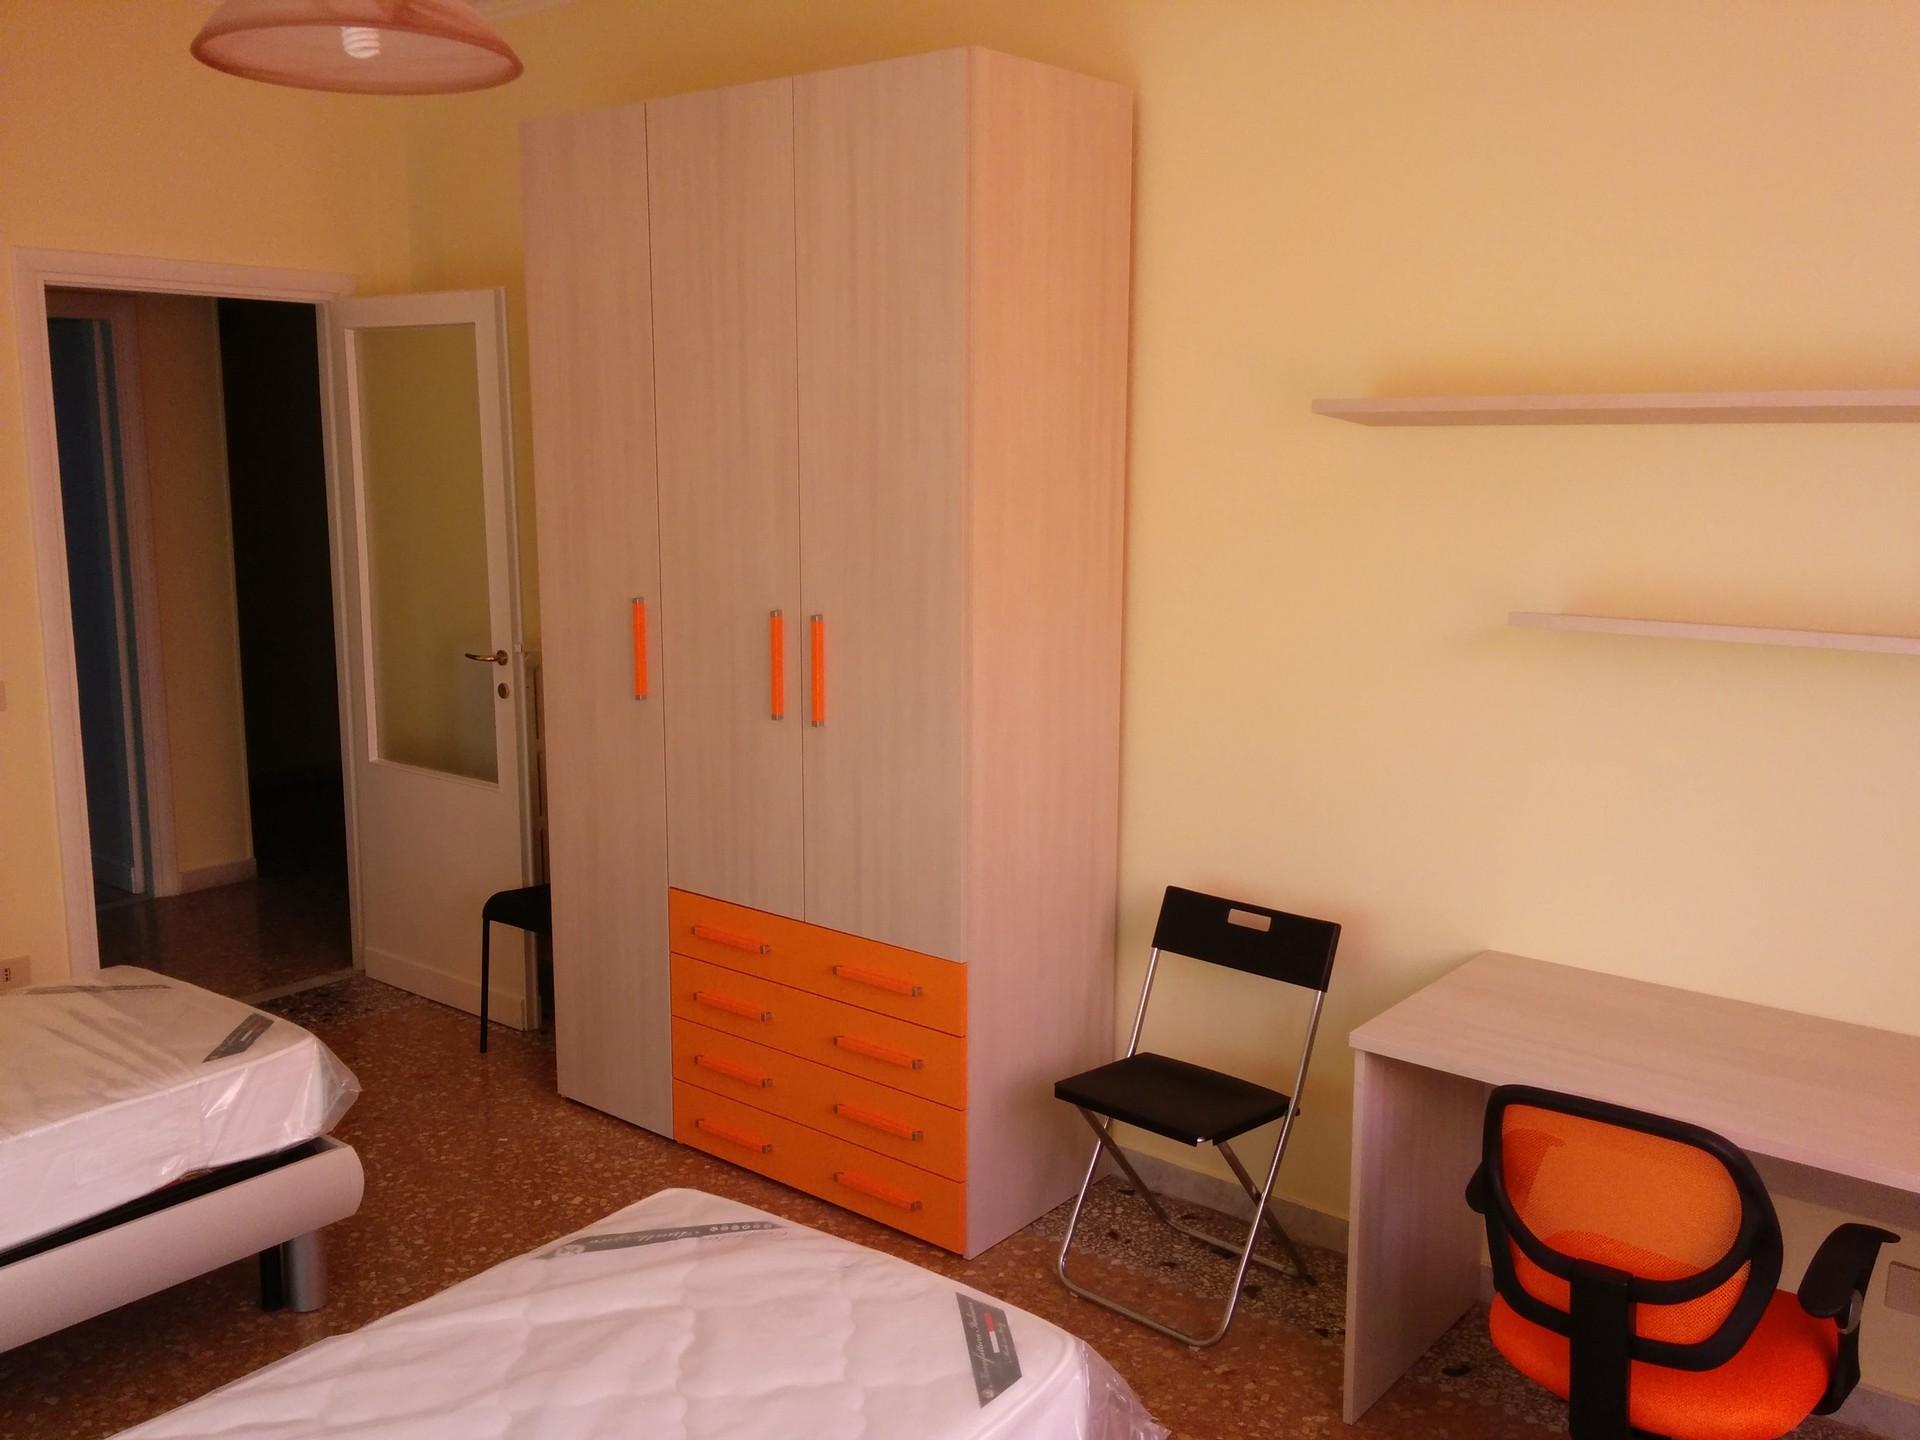 Roma stanza doppia a 100 metri dalla metropolitana b1 for Stanza affitto roma